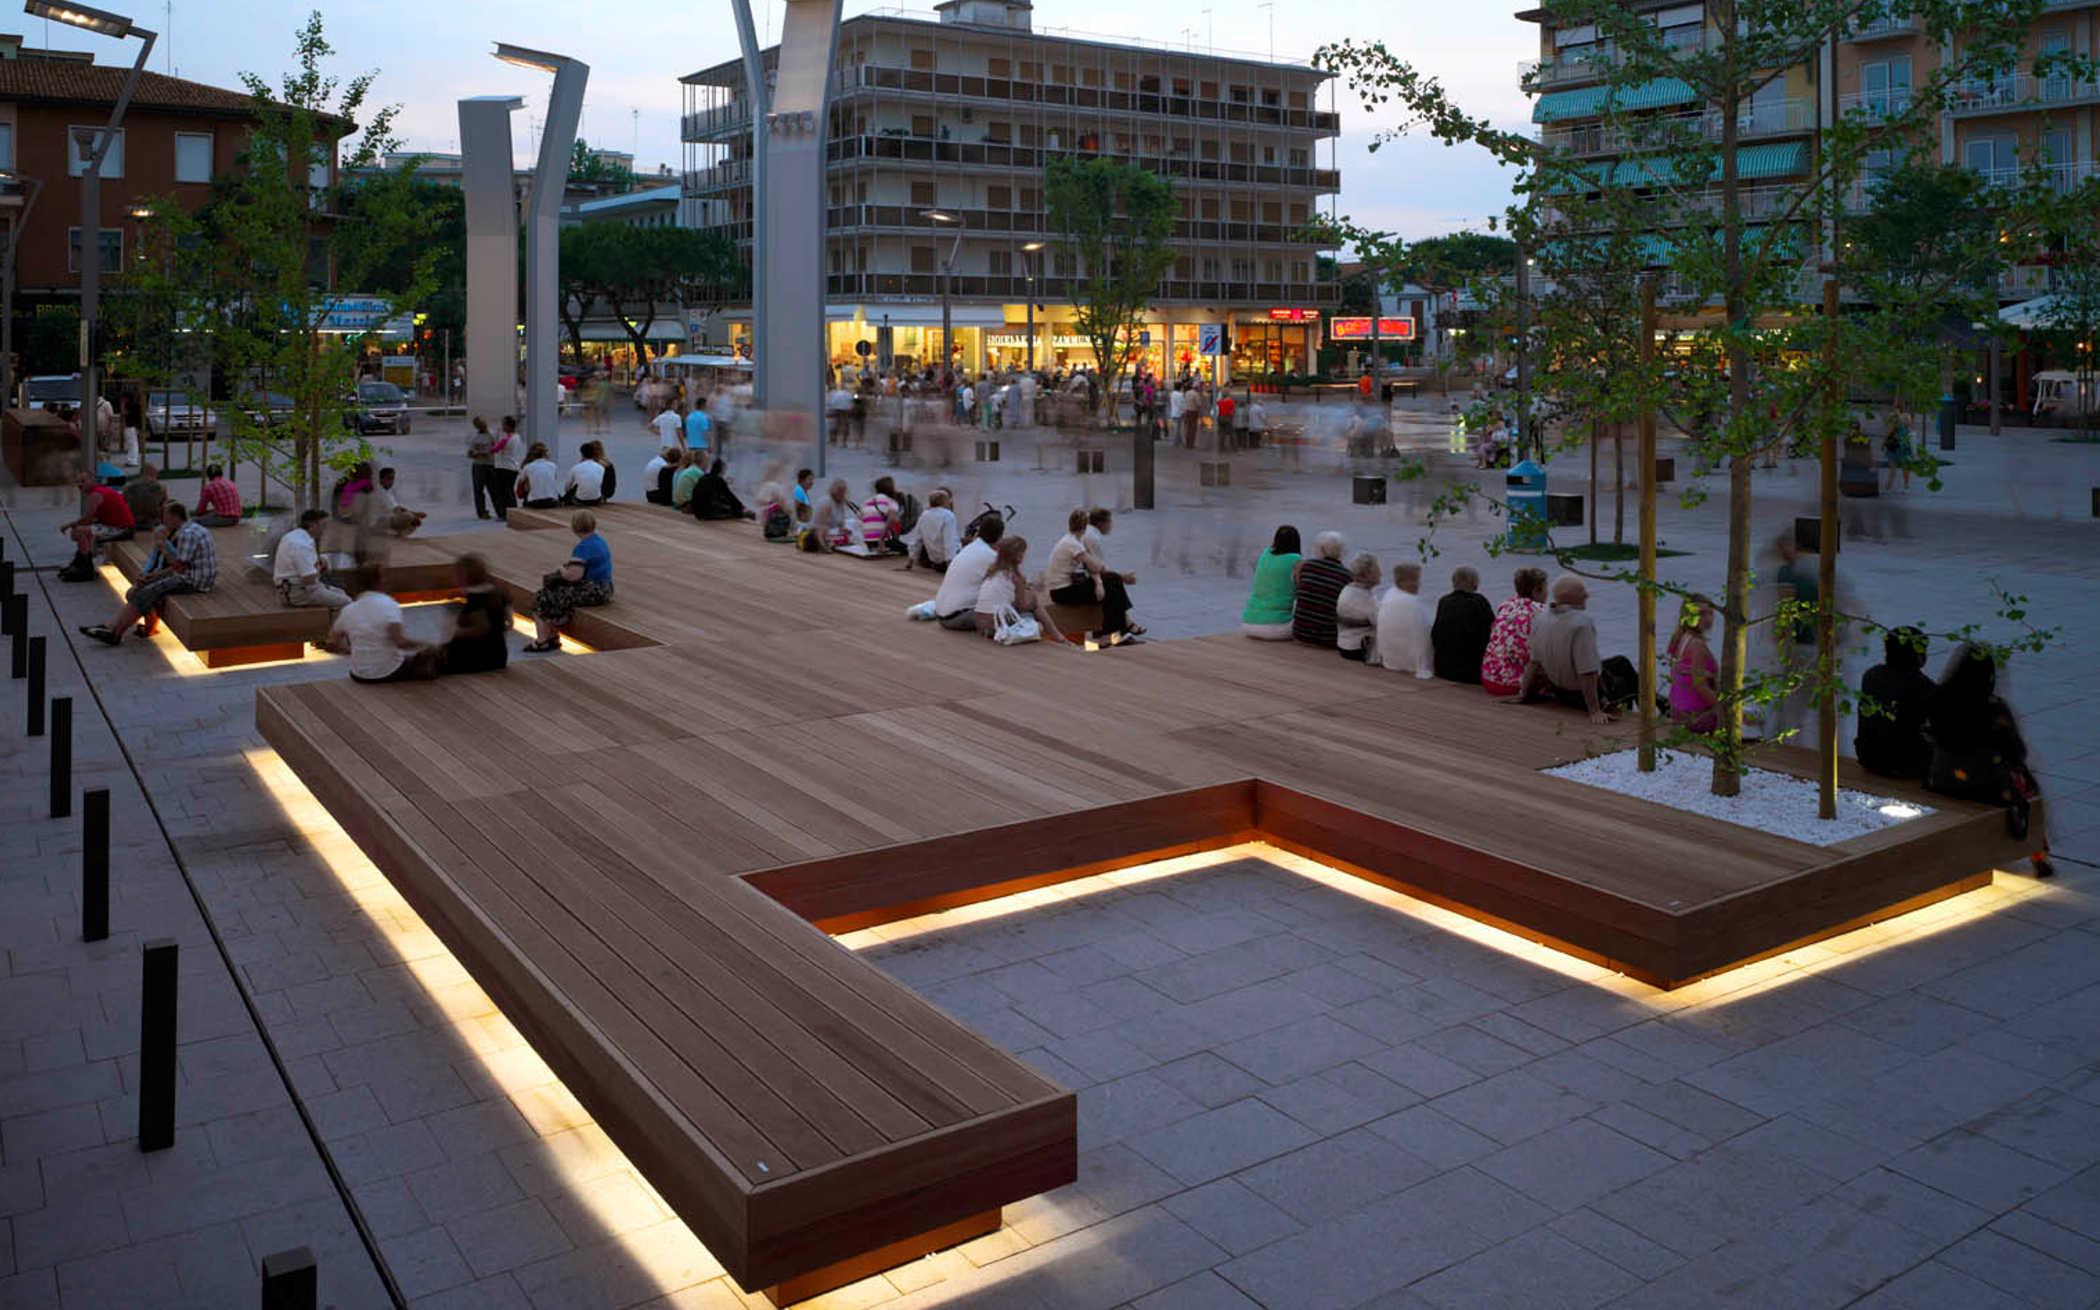 Ascom non strumentializziamo piazza mazzini venezia for Mobiliario espacio publico